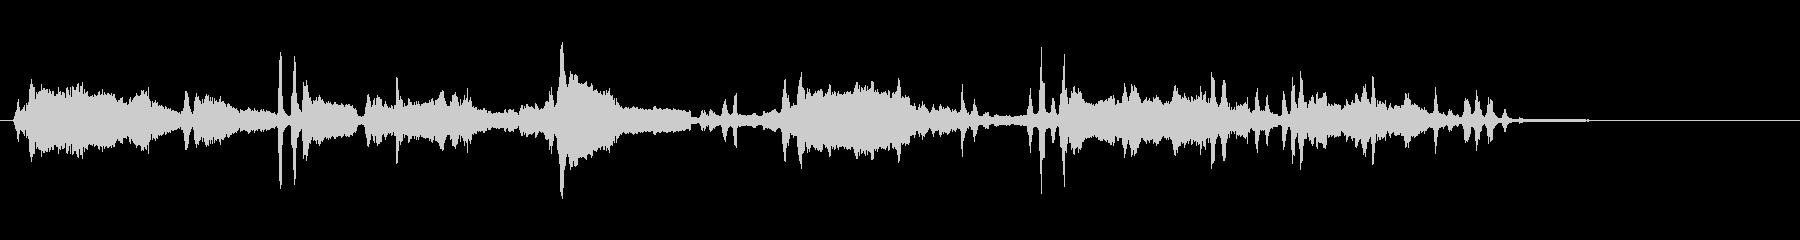 ウルフハウル、複数。の未再生の波形